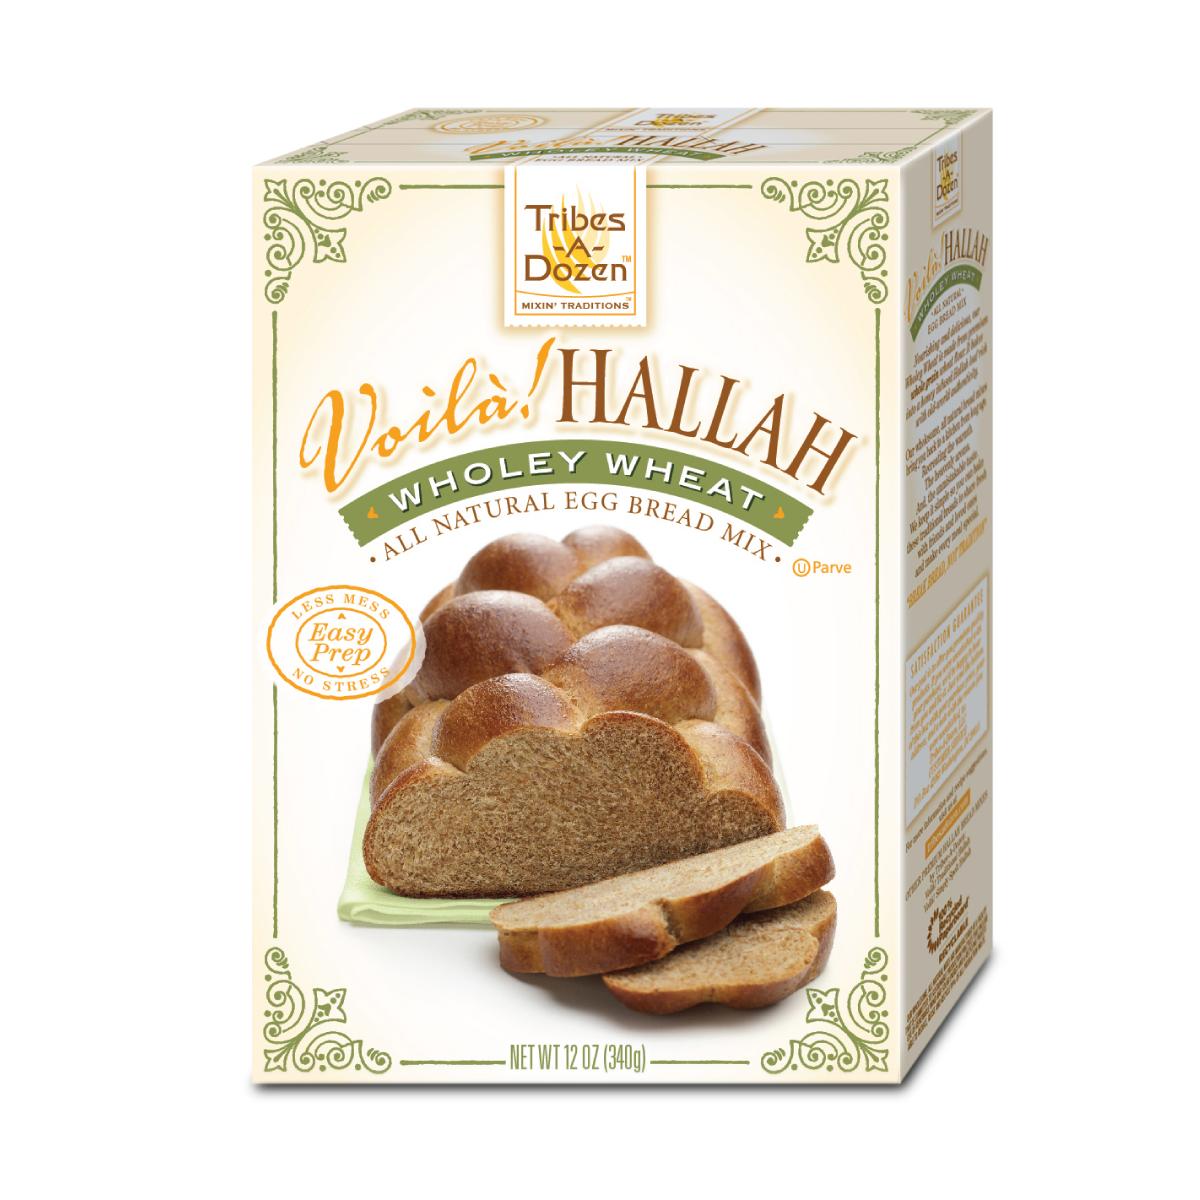 Voila! Hallah Egg Bread Mixes